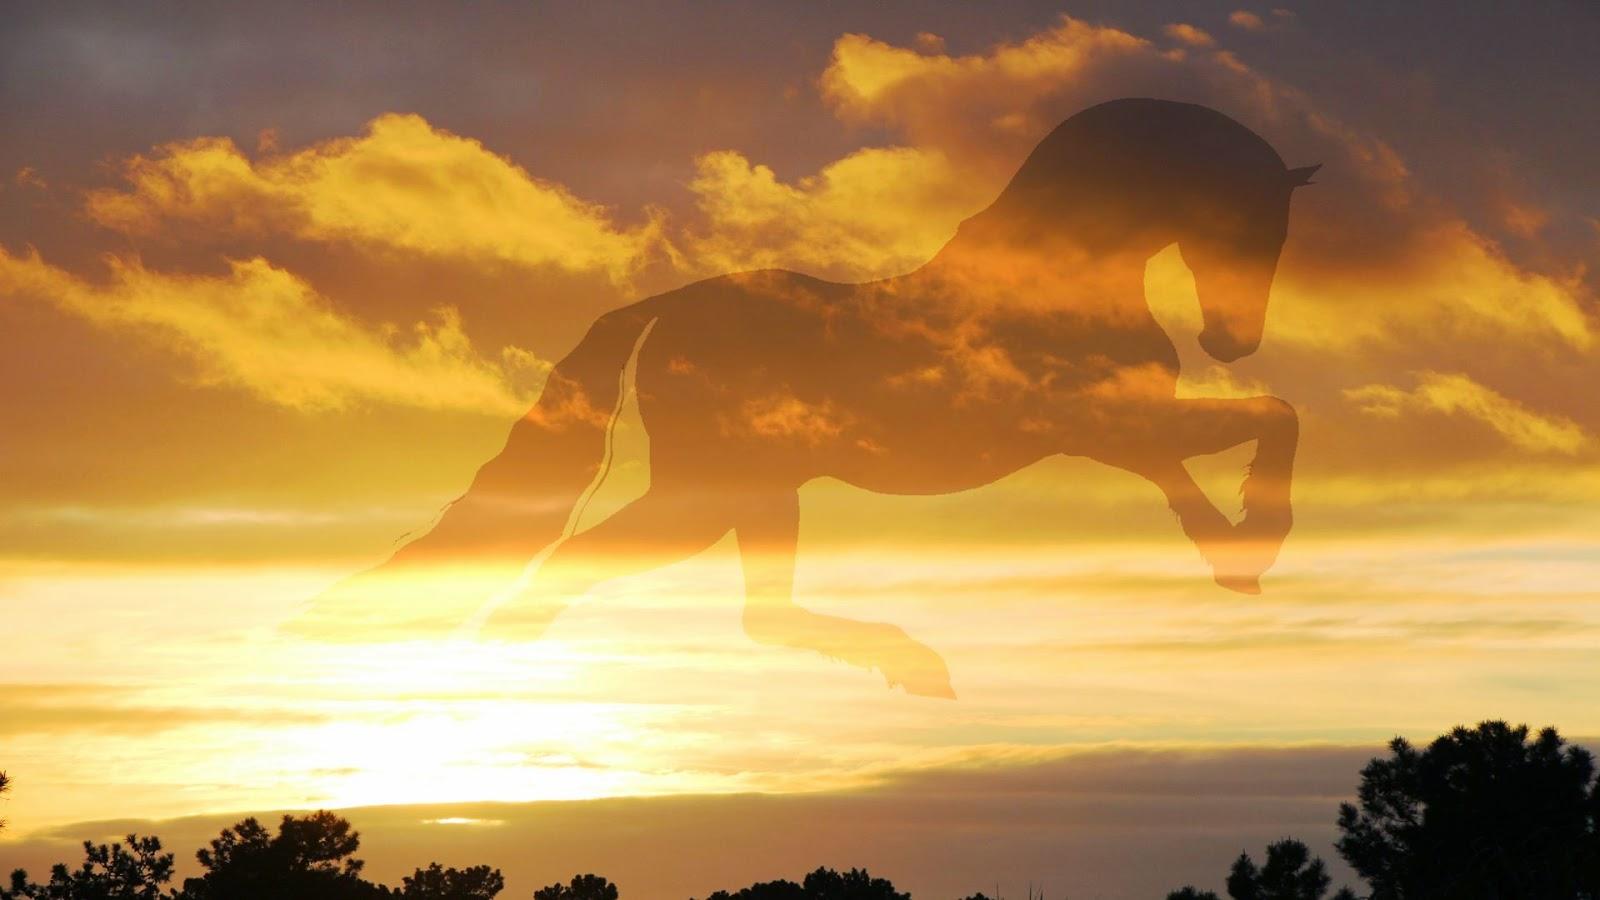 Cavalgando o céu Dourado 1920 x 1080 - PaintNET